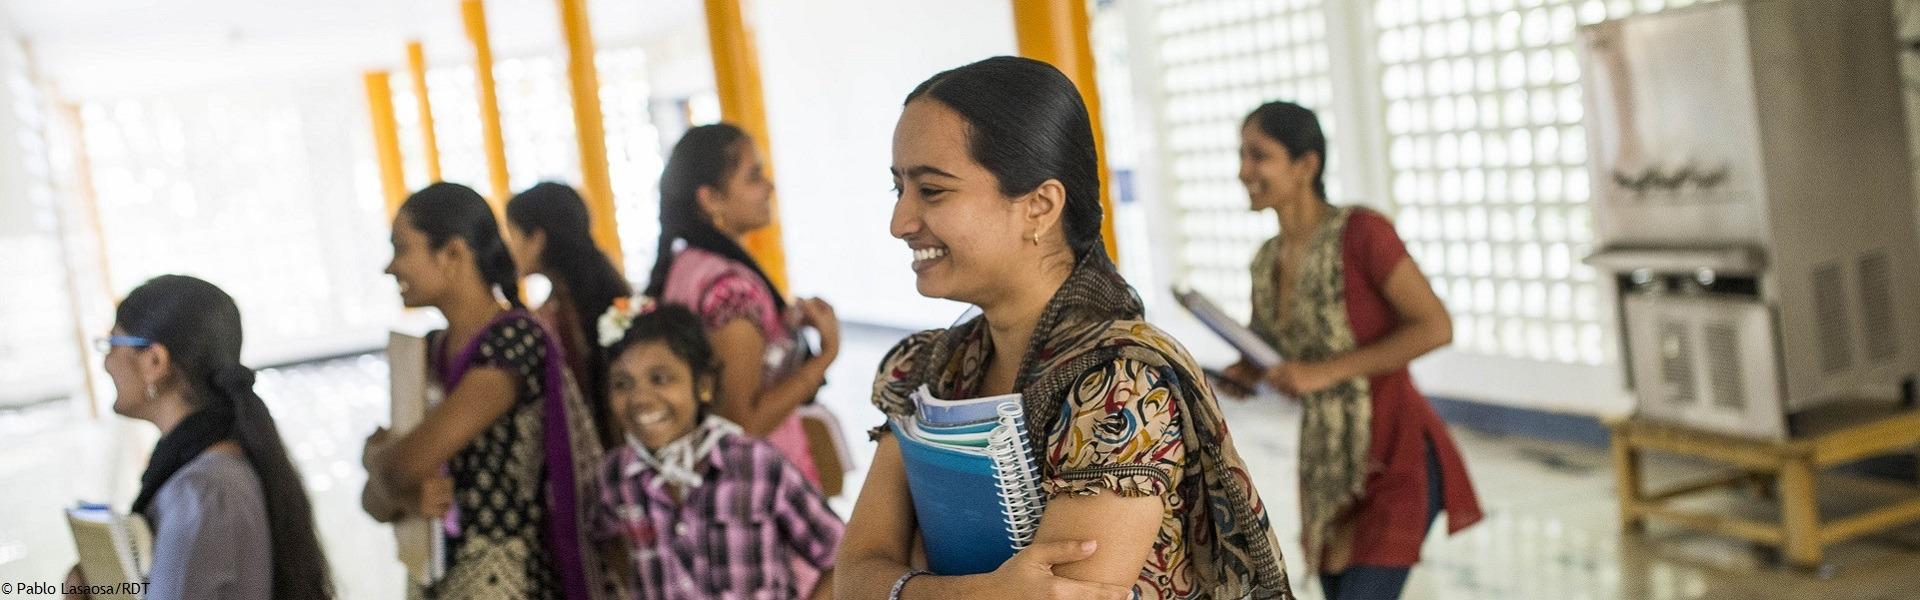 Wir unterstützen Frauen in Indien durch Darlehen oder Mikrokredite dabei selbstbestimmt zu leben.